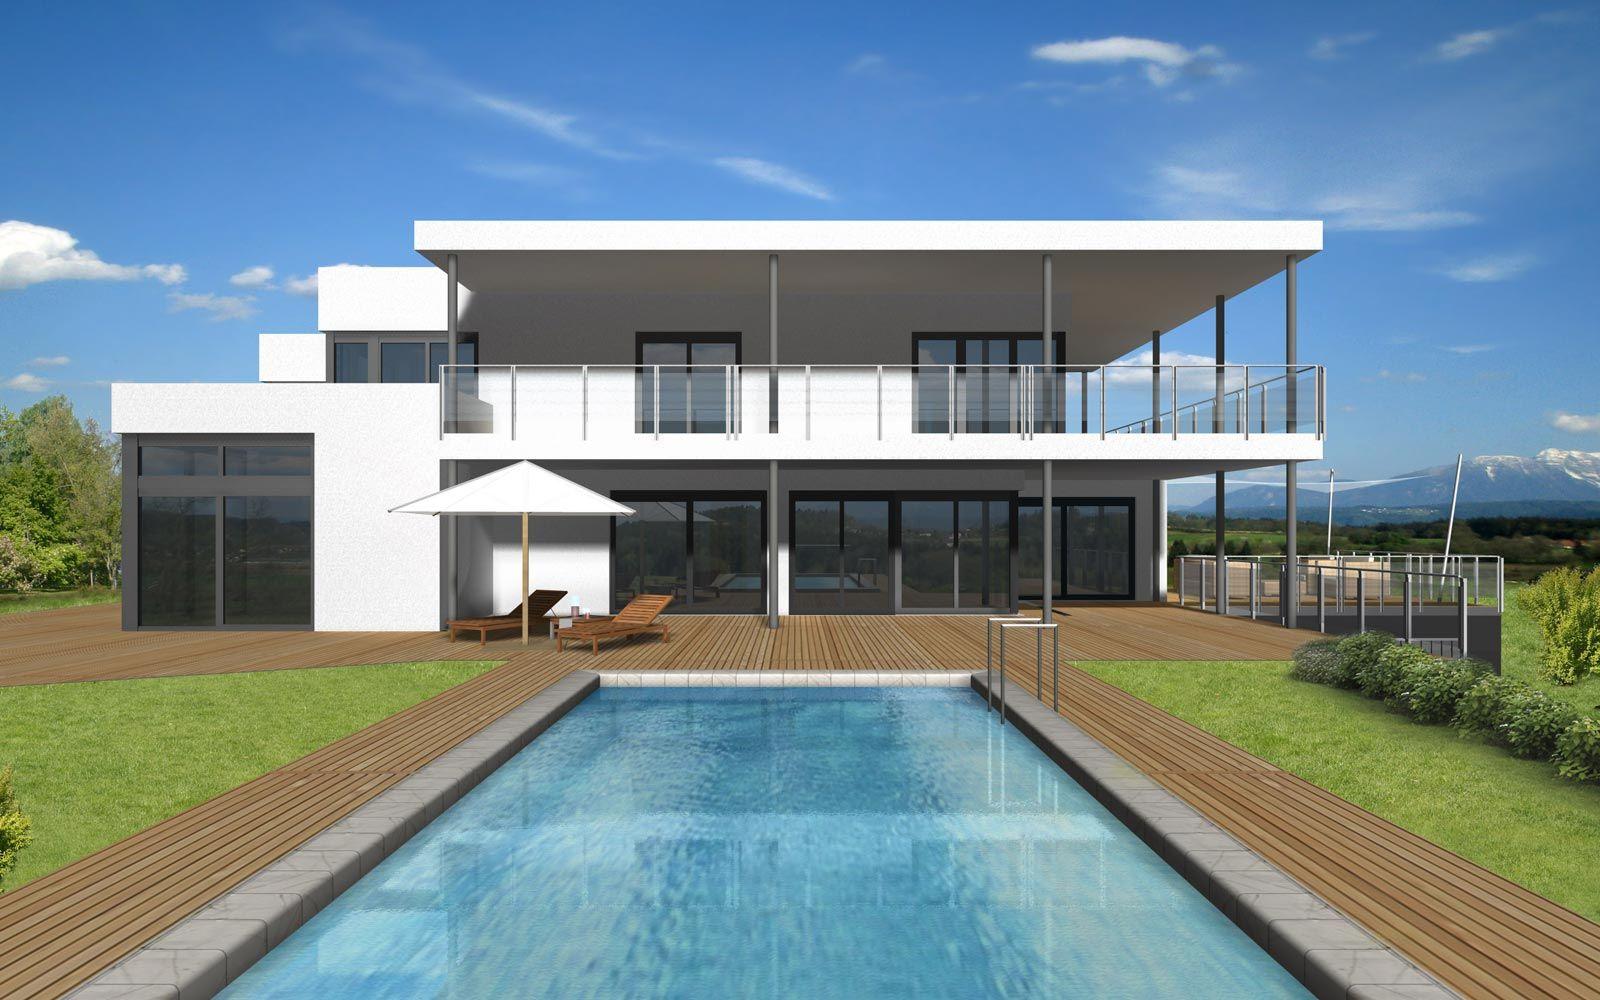 Haus Modern Bauen - rockydurham.com -